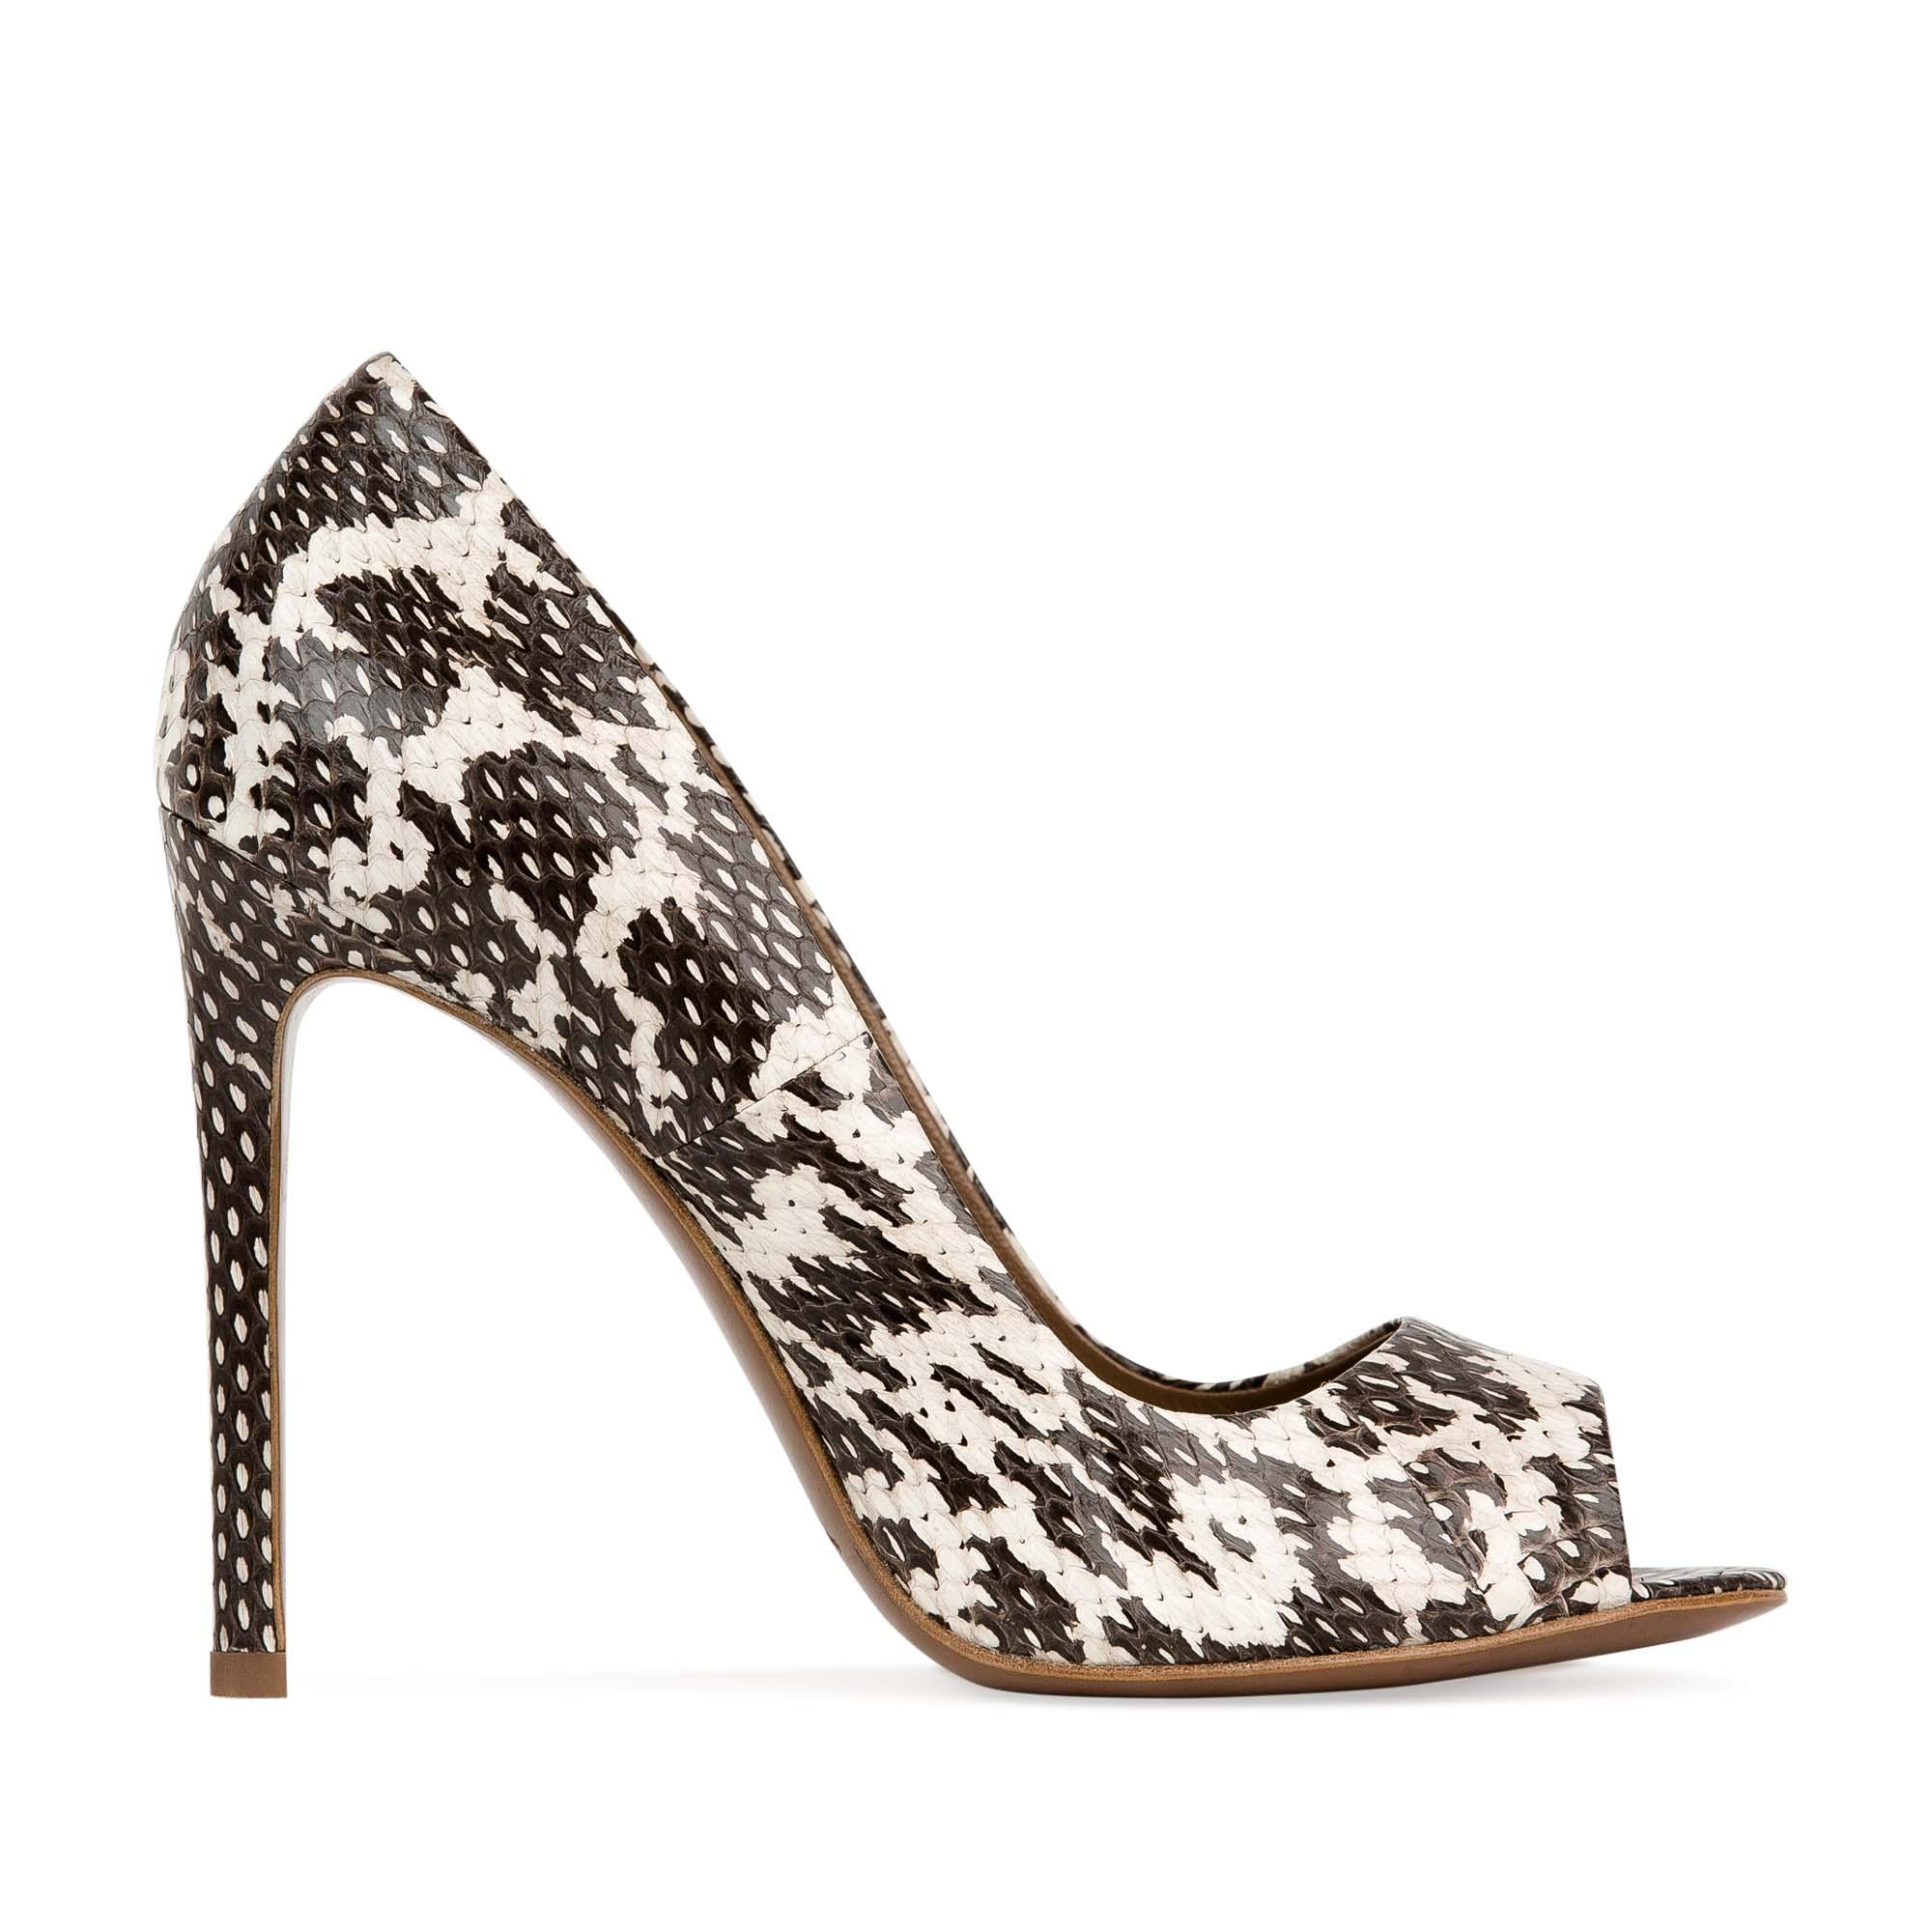 Туфли из лакированной кожи змеи с анималистичным принтом